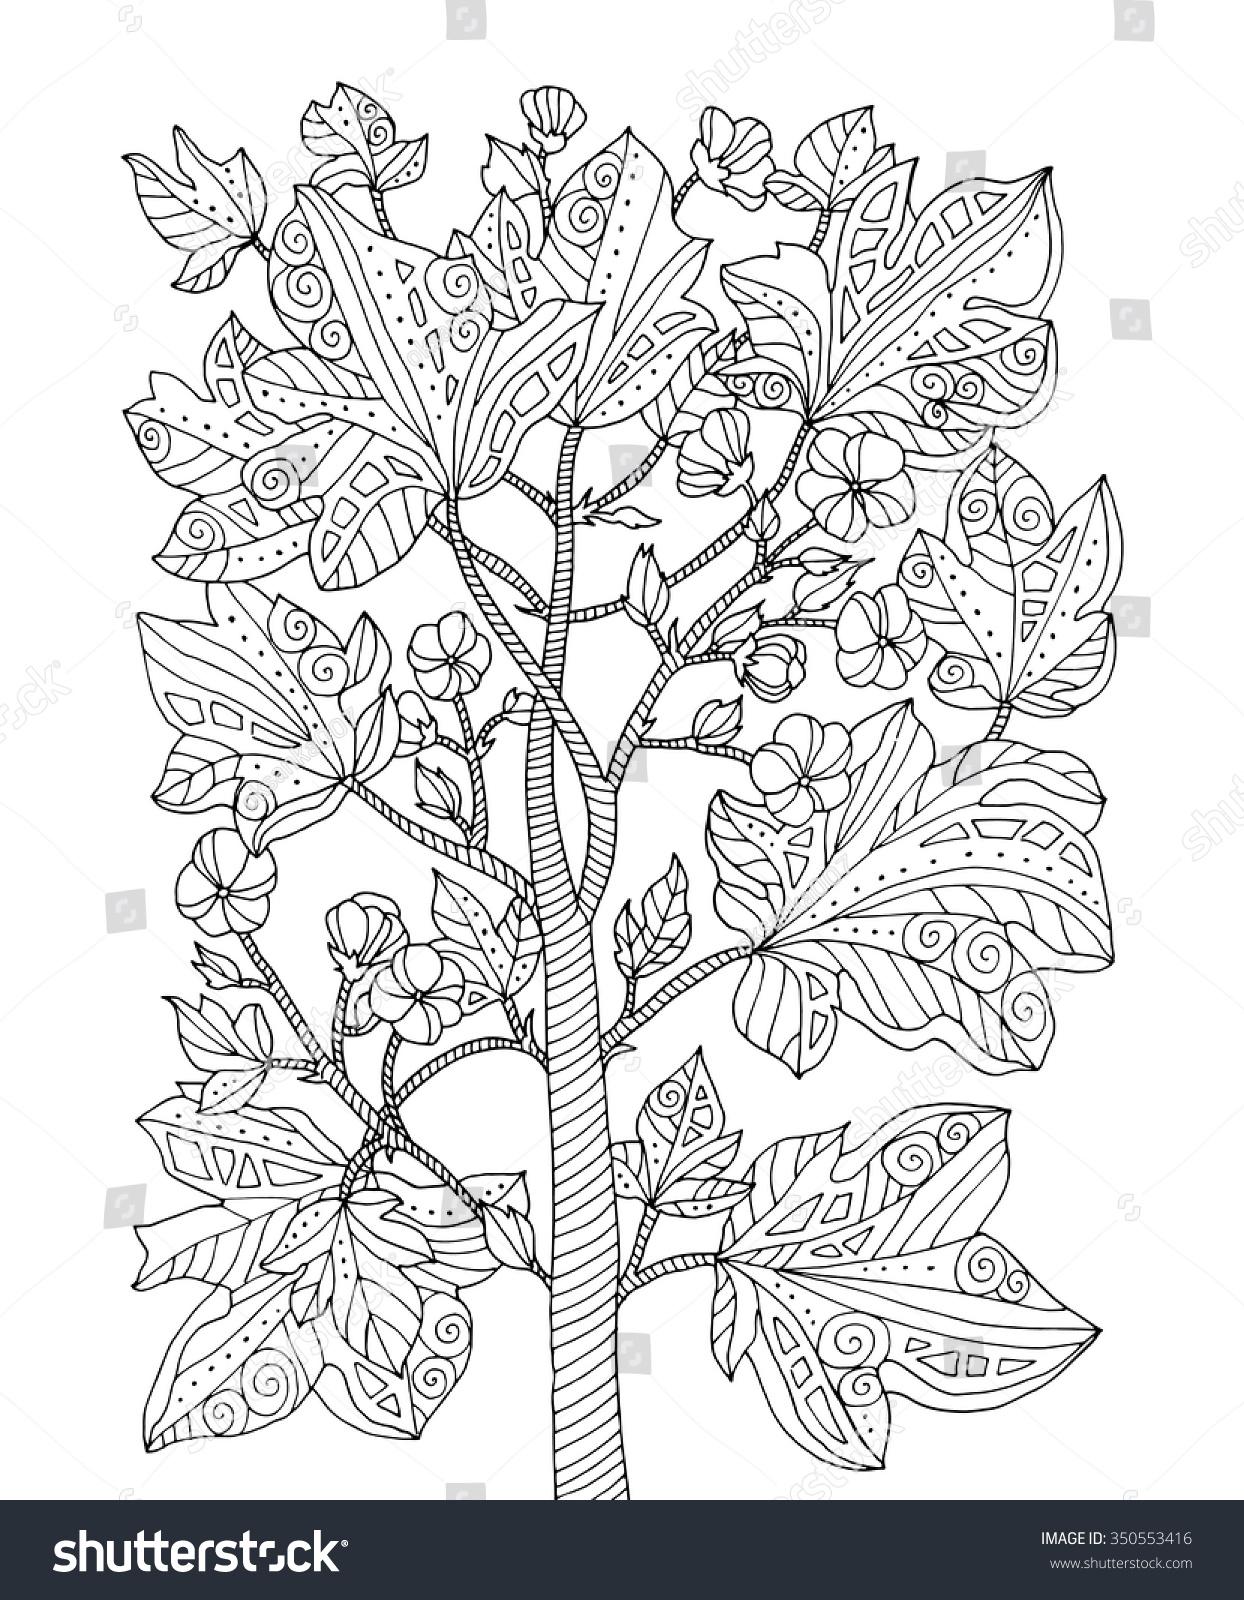 Rainforest plants coloring pages